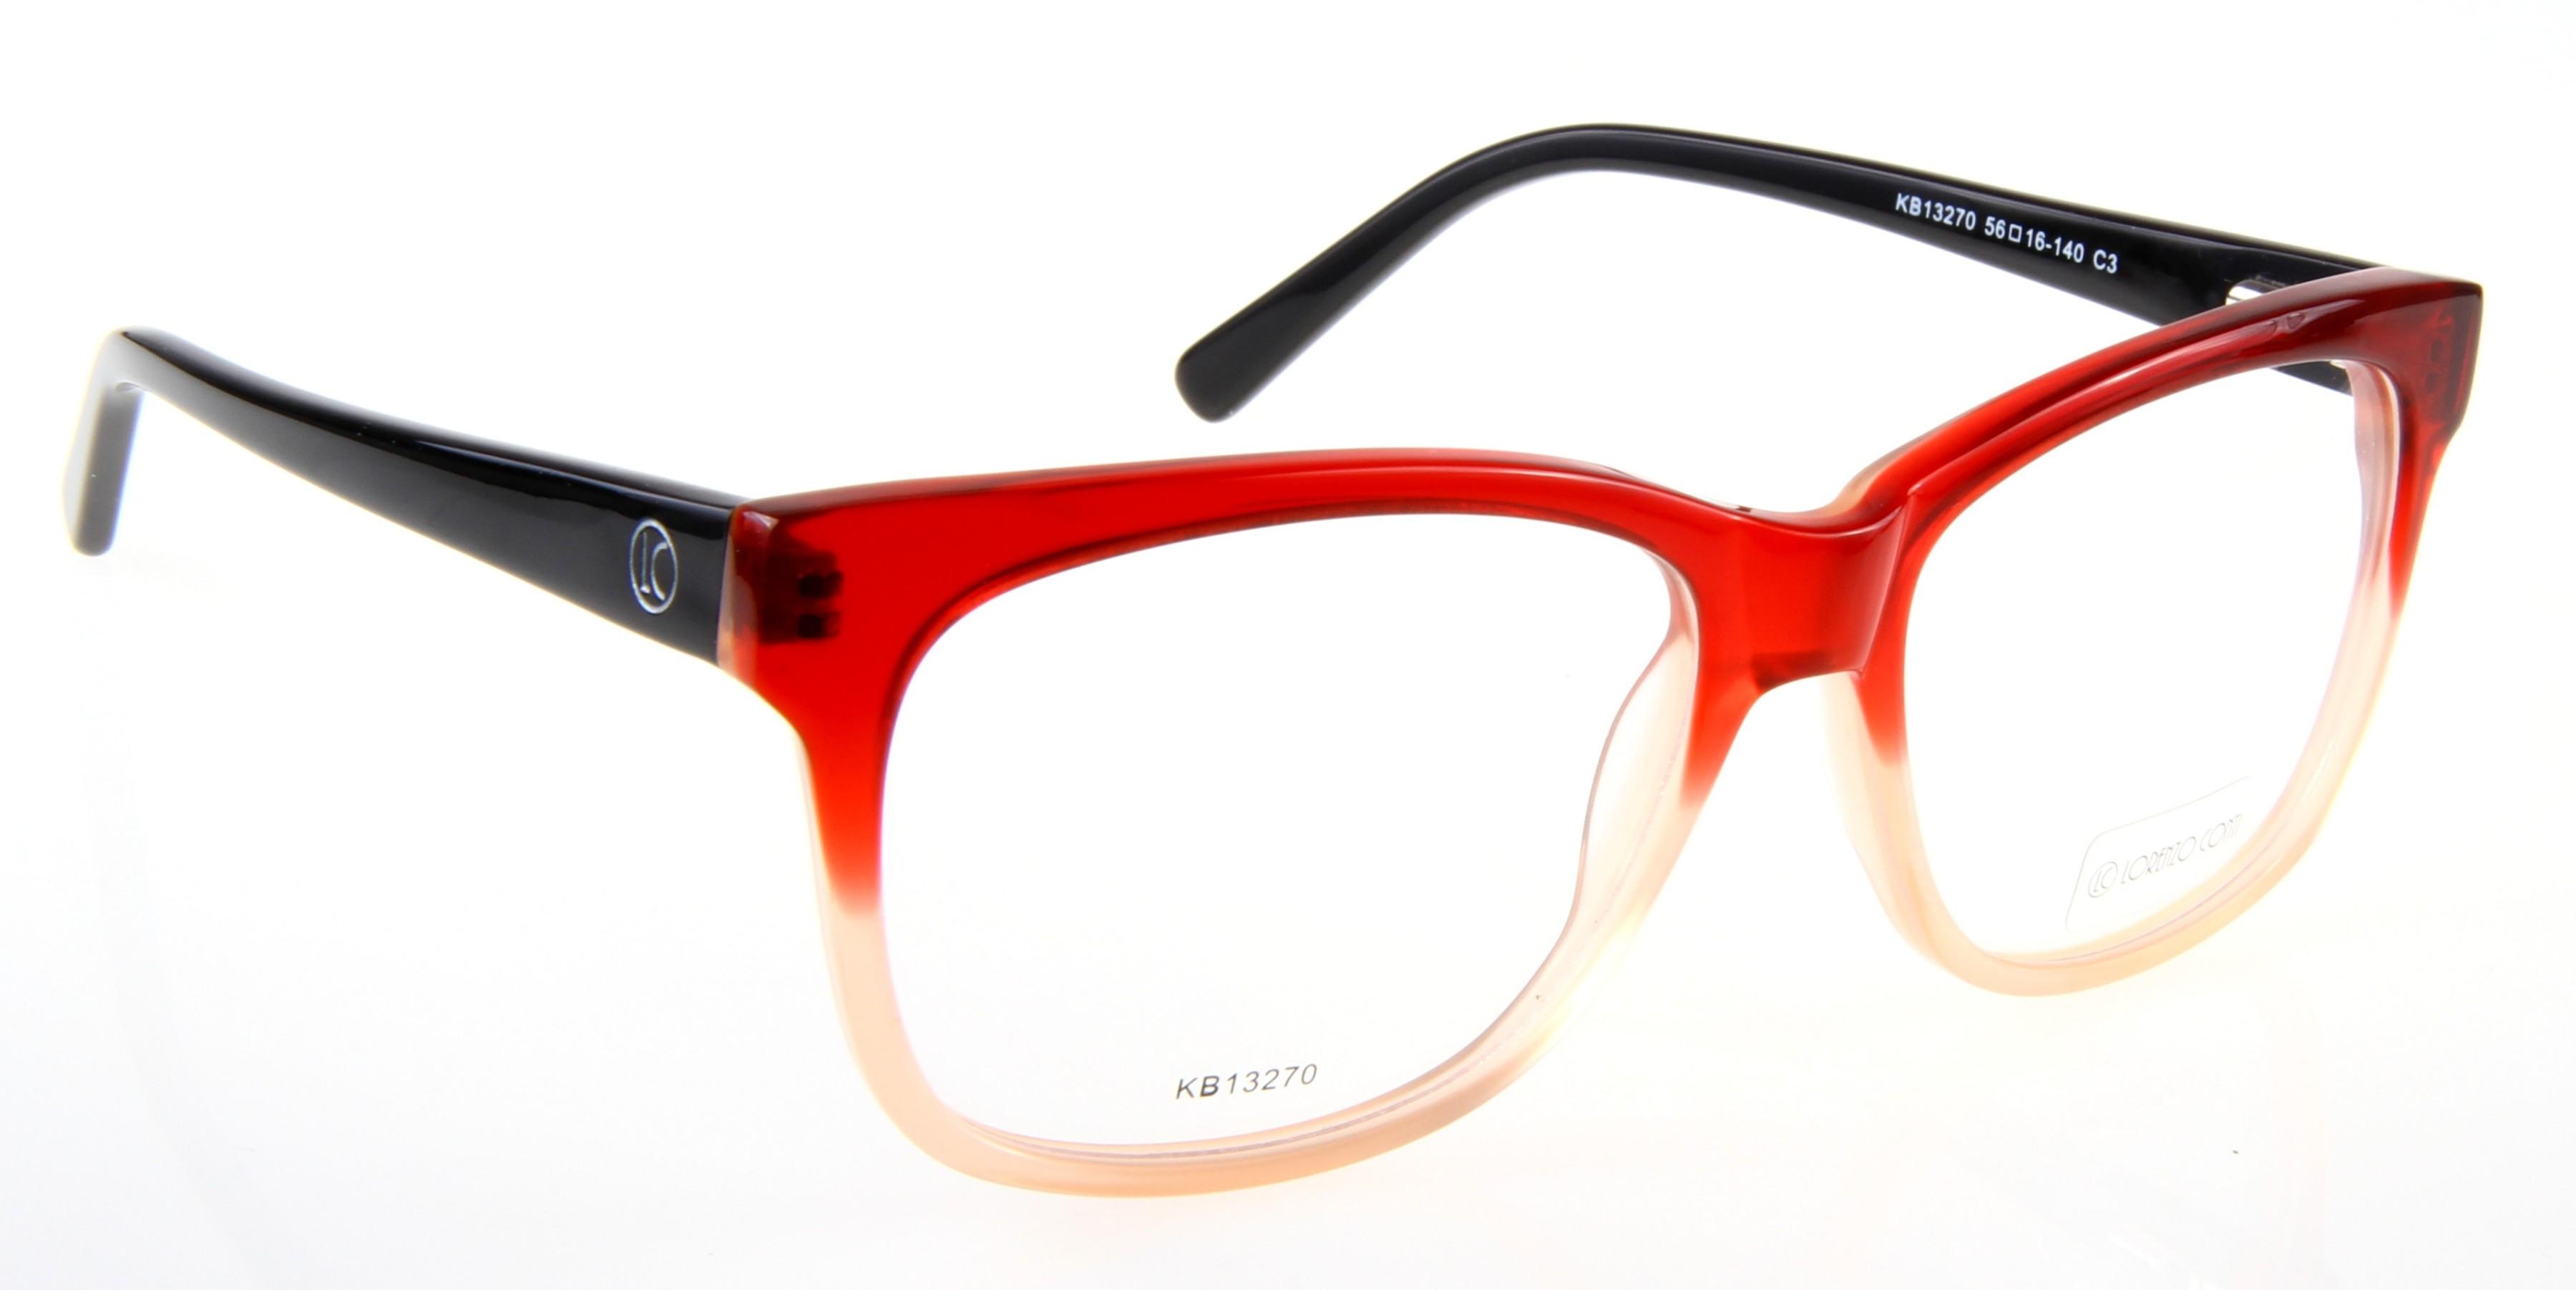 Oprawki okularowe Lorenzo KB13270 c3 czerwona